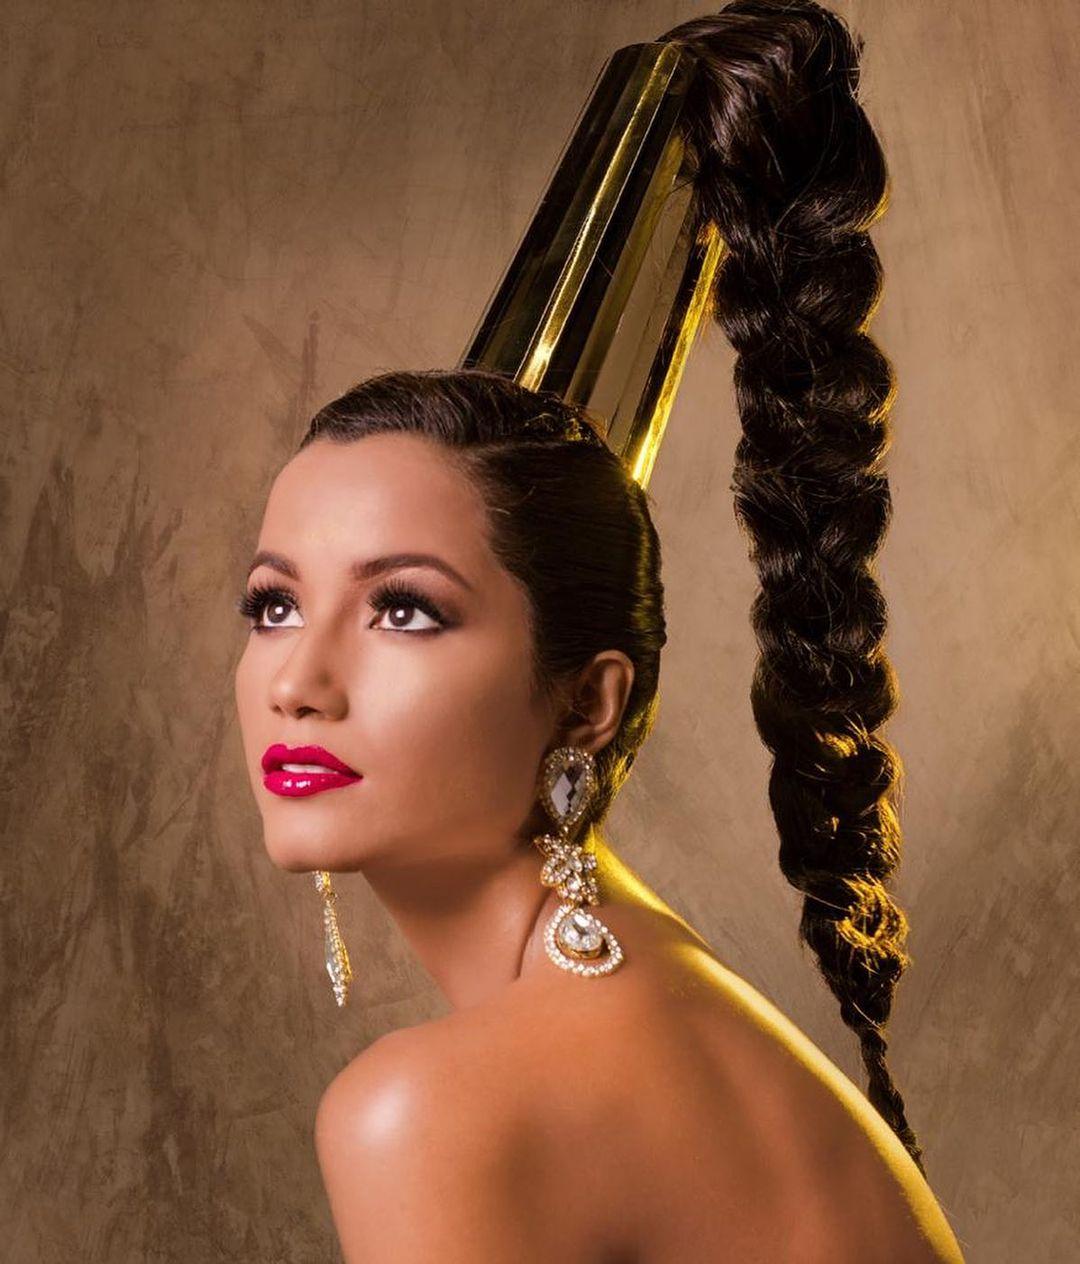 imelys velasquez, miss mesoamerica international 2021. 22792916